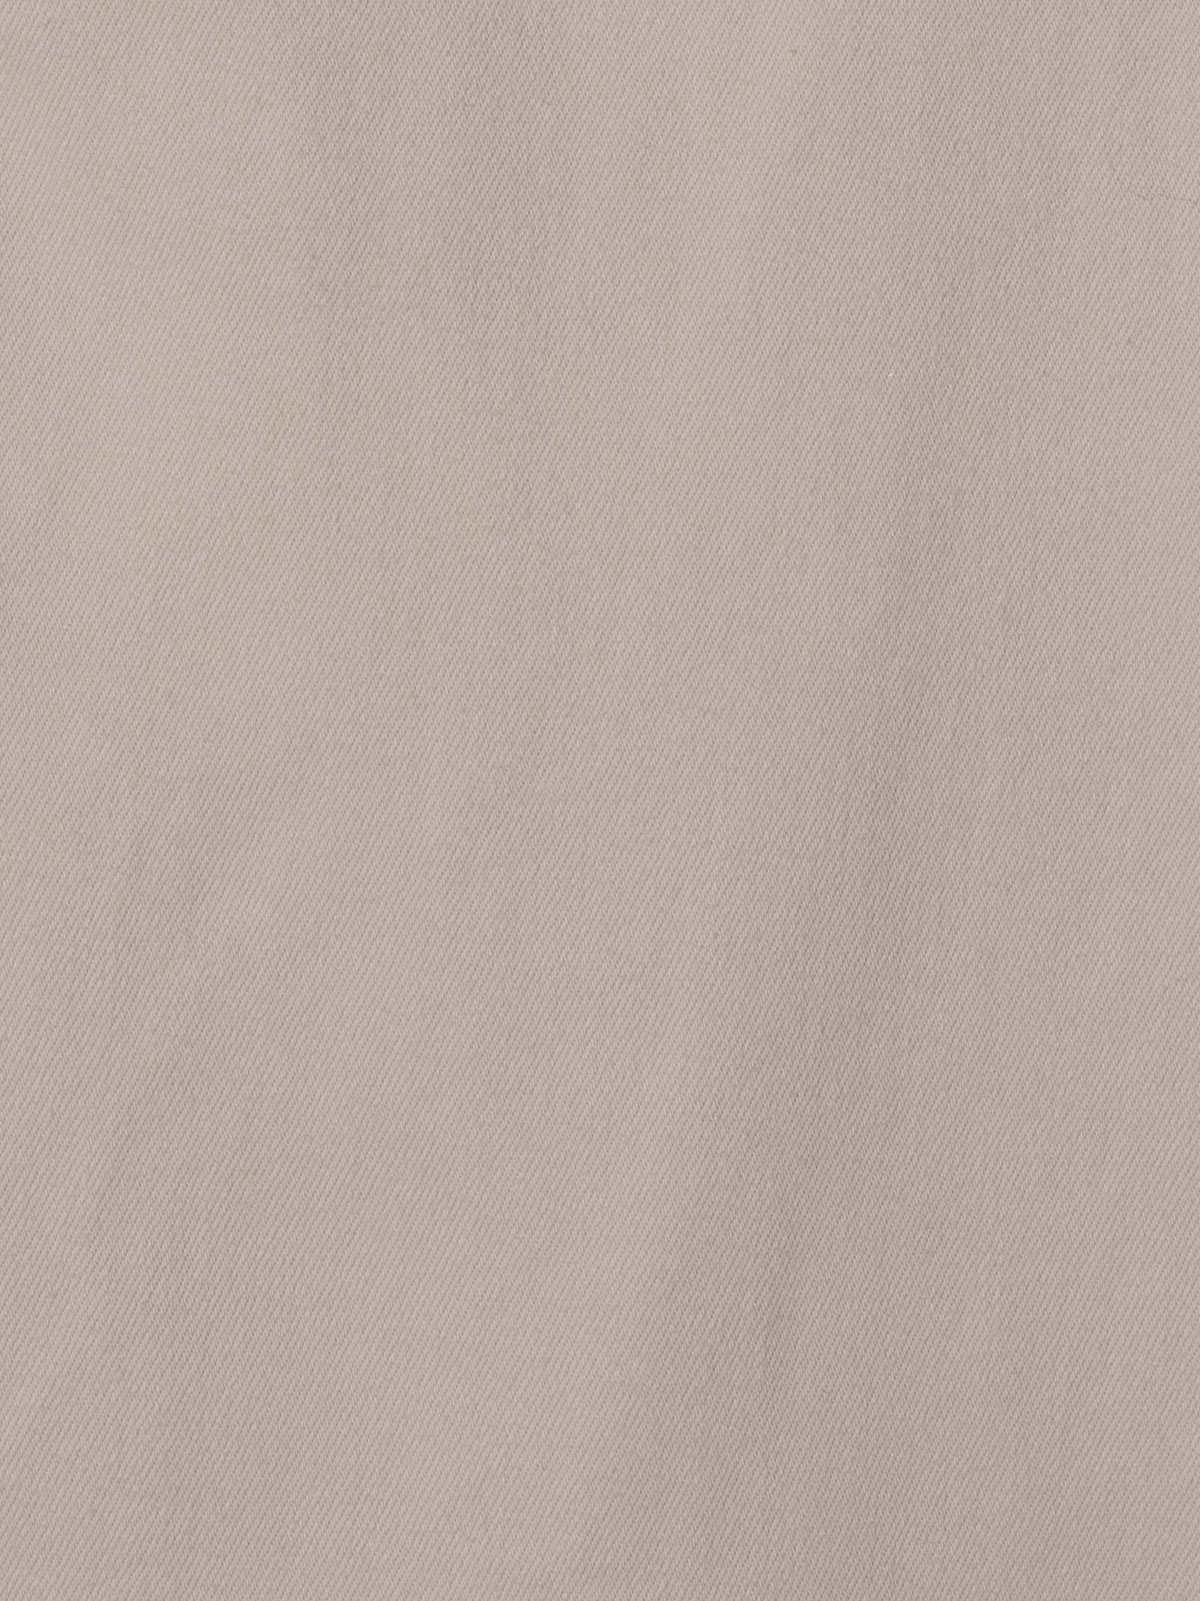 Pantalón chino mujer algodón elastico Beige